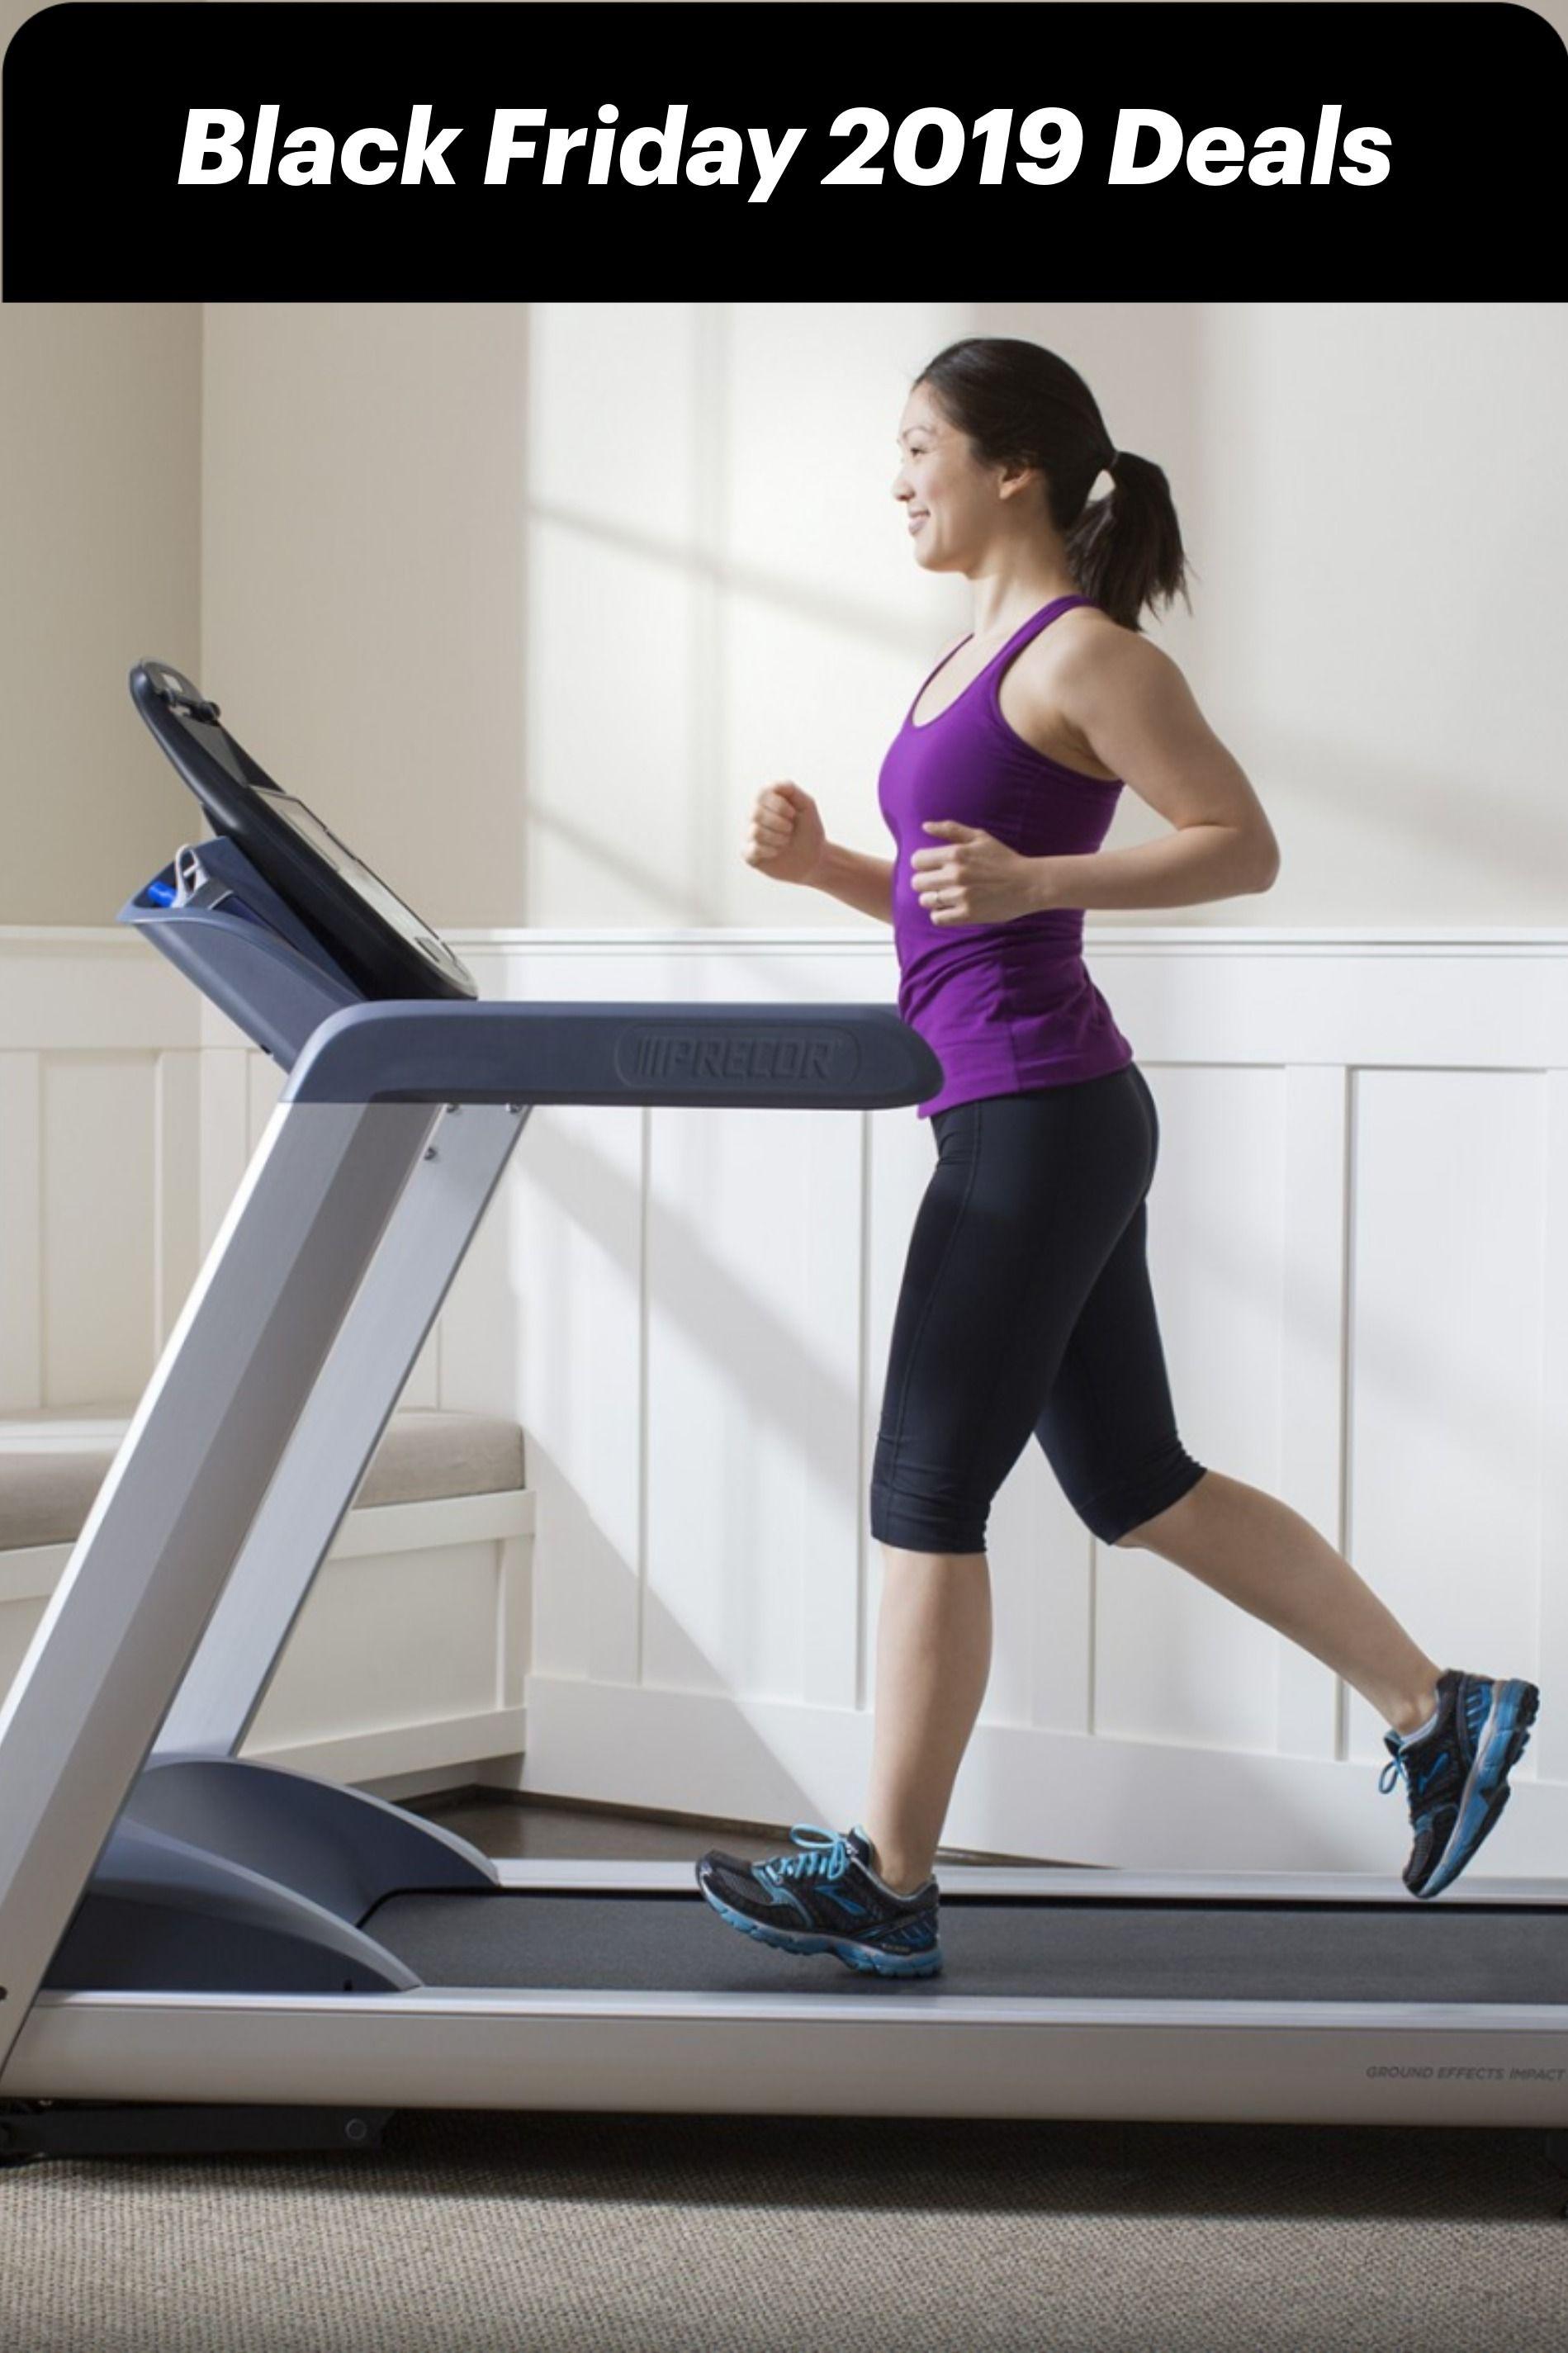 Treadmill Black Friday 2020 Deals Grab Huge Discounts On